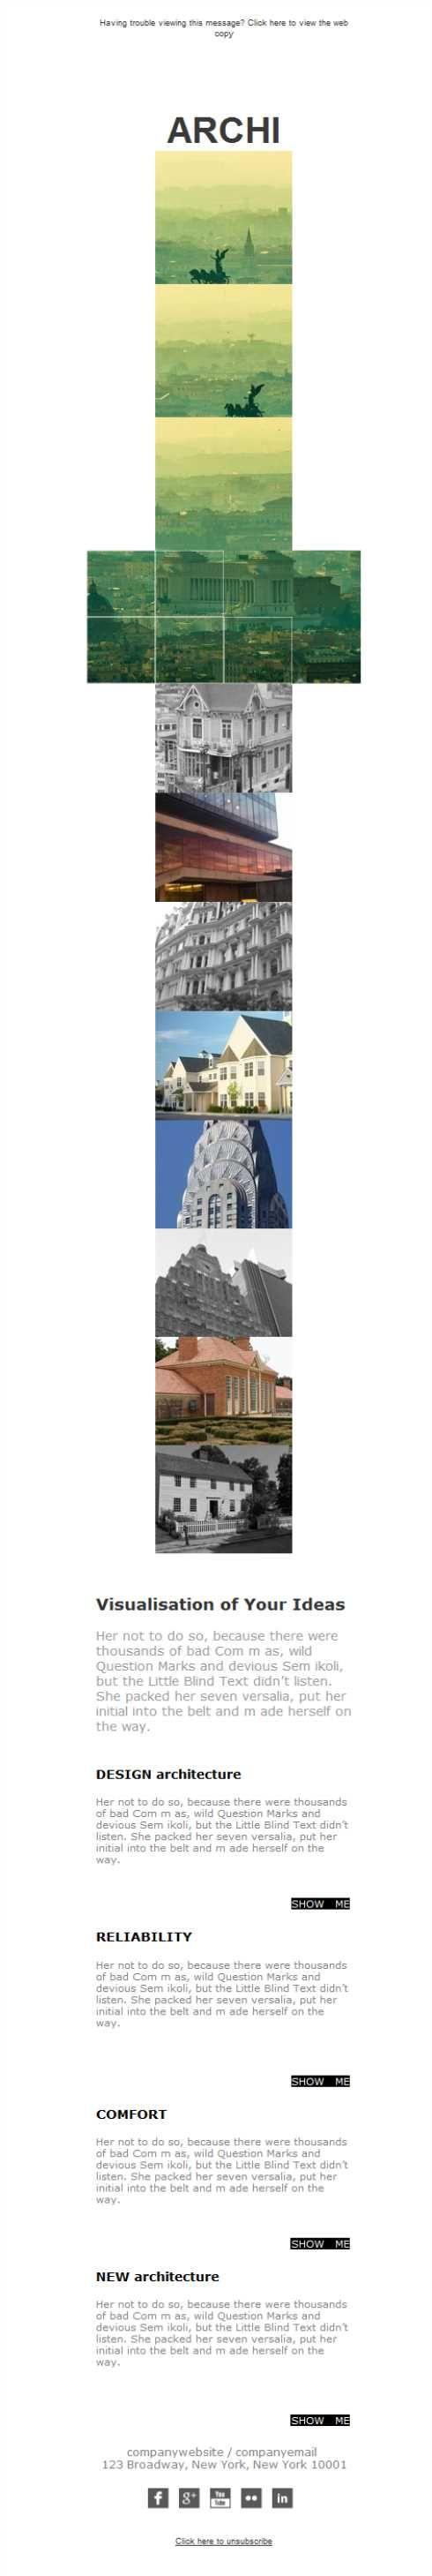 Best Arquitectos Y Arquitectura  Plantillas Newsletter Images